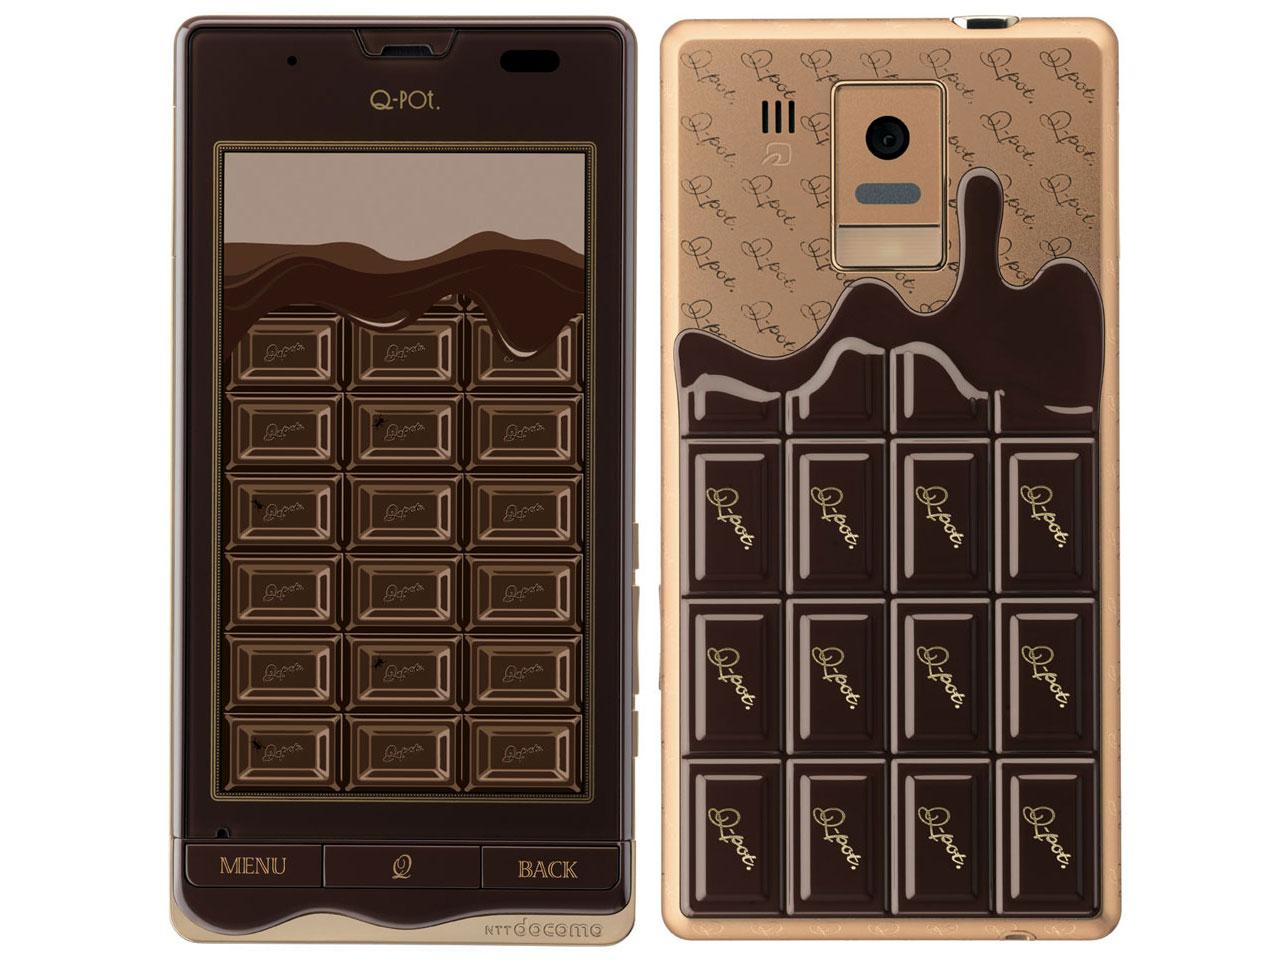 Q-pot.Phone (SH-04D)